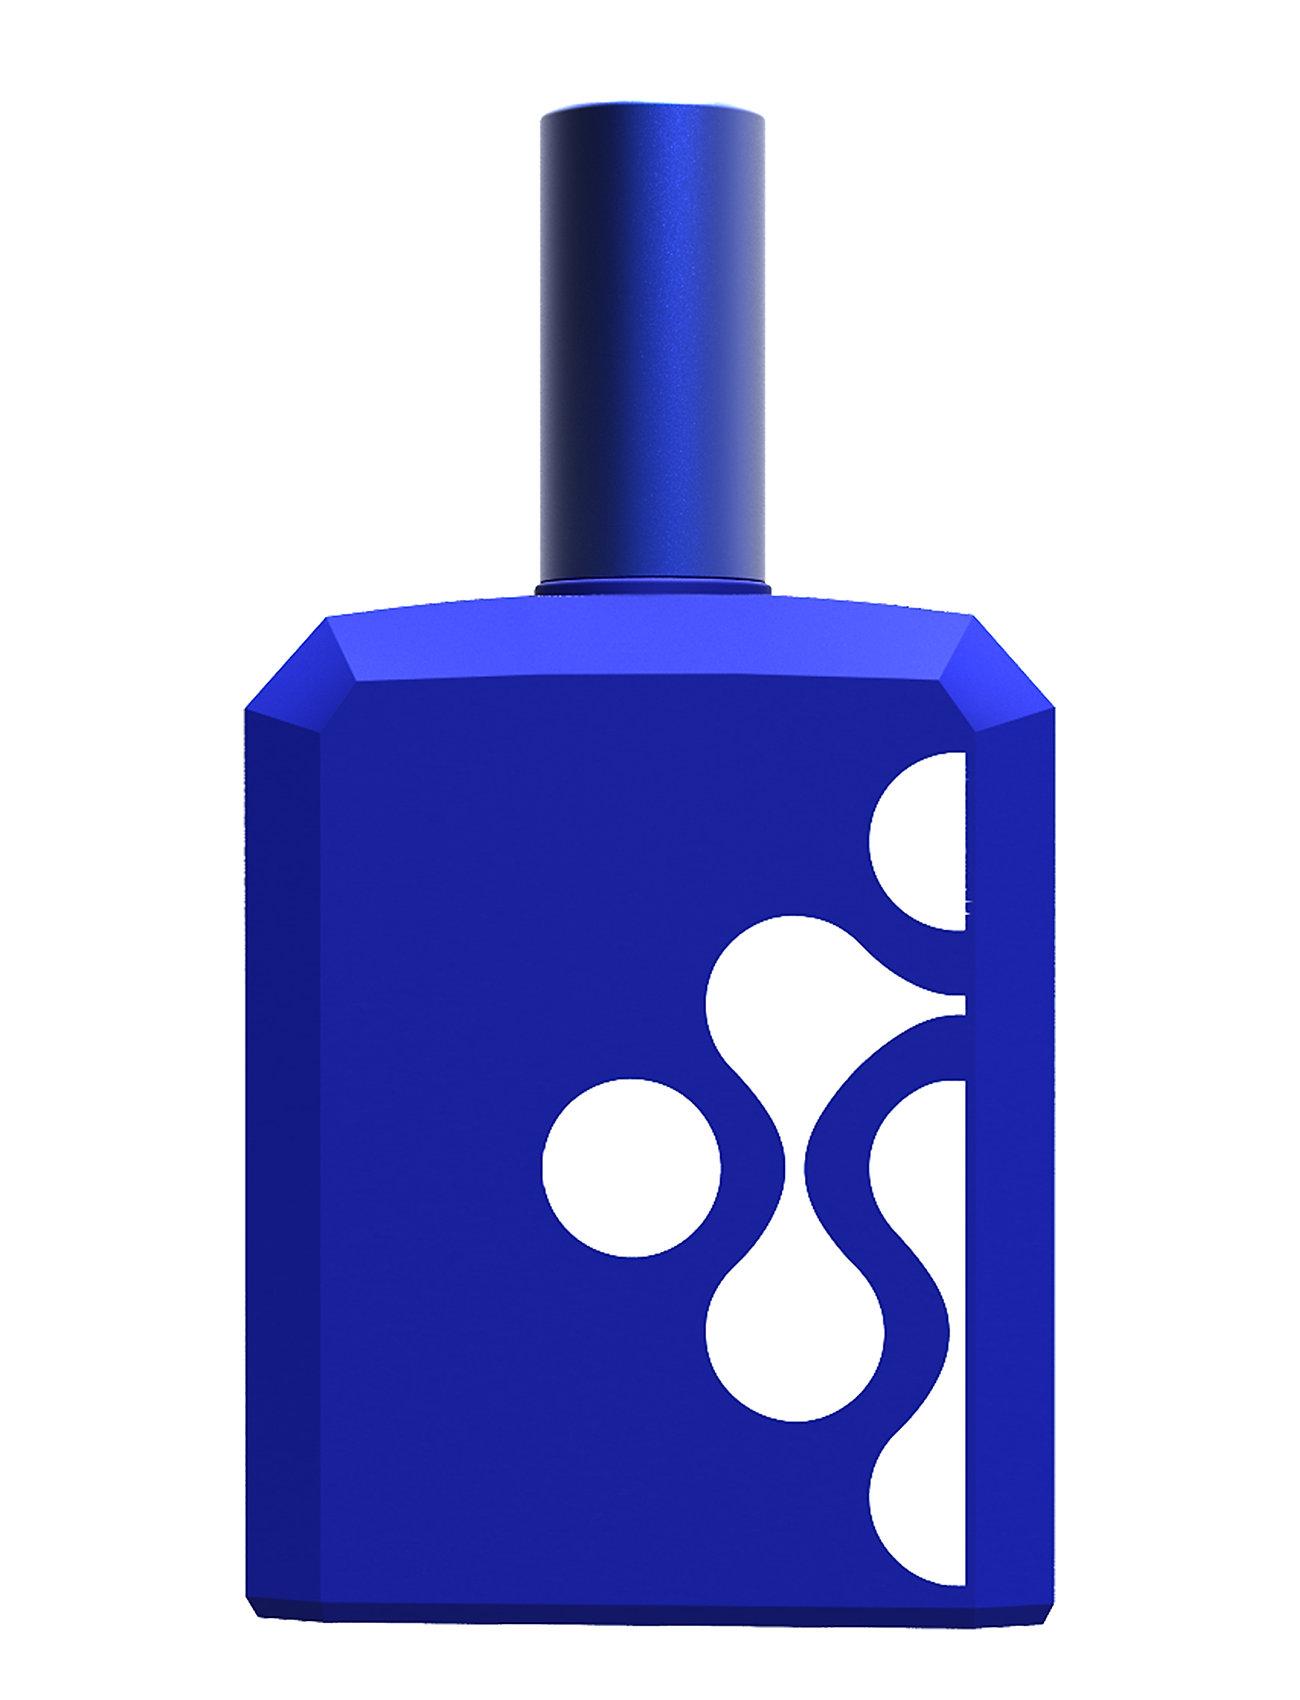 Histoires de Parfums This is not a blue bottle 1/.4 - CLEAR